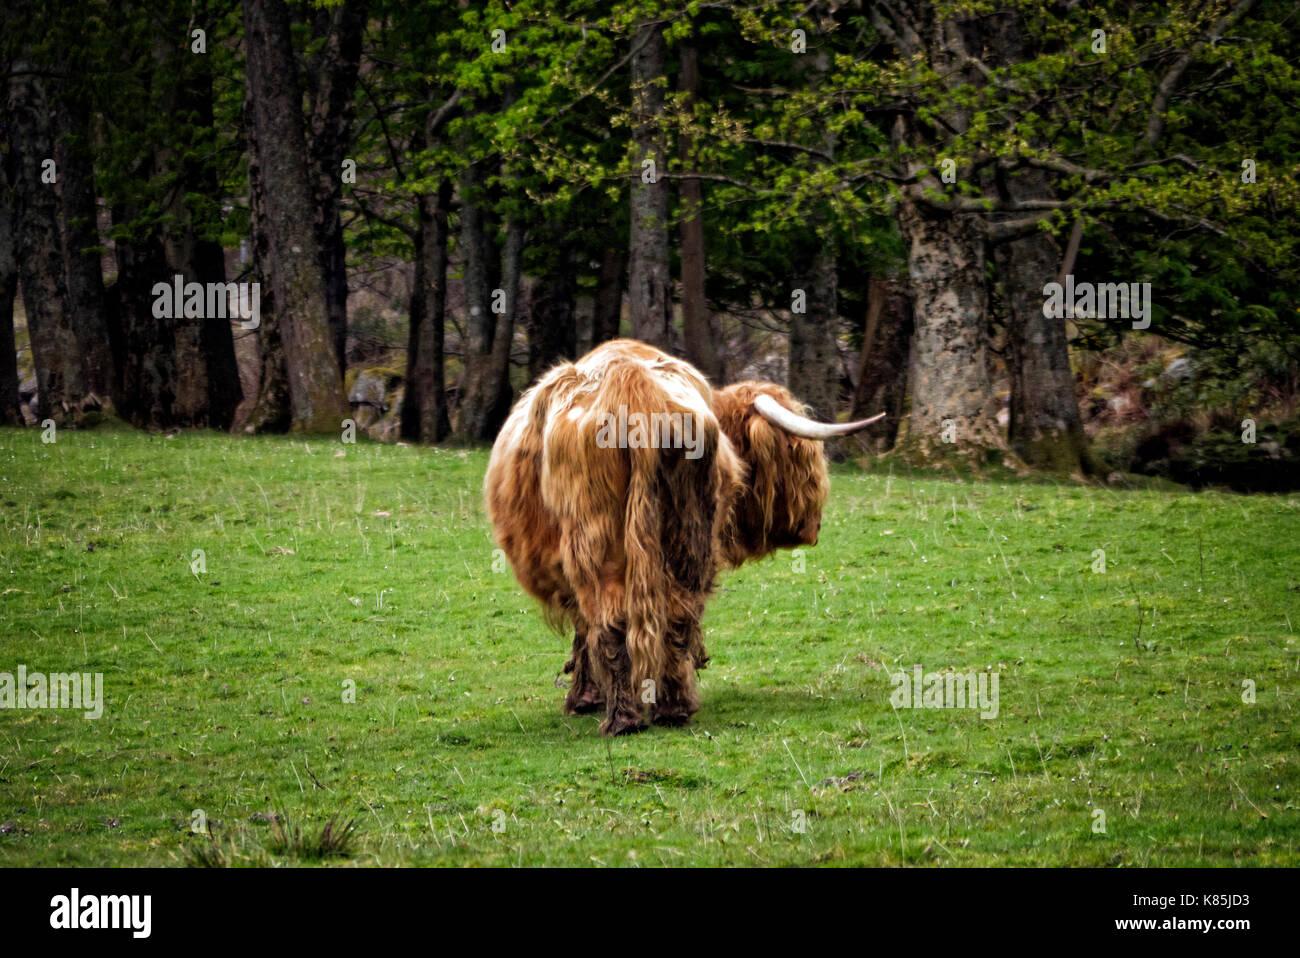 Highland cattle - Stock Image